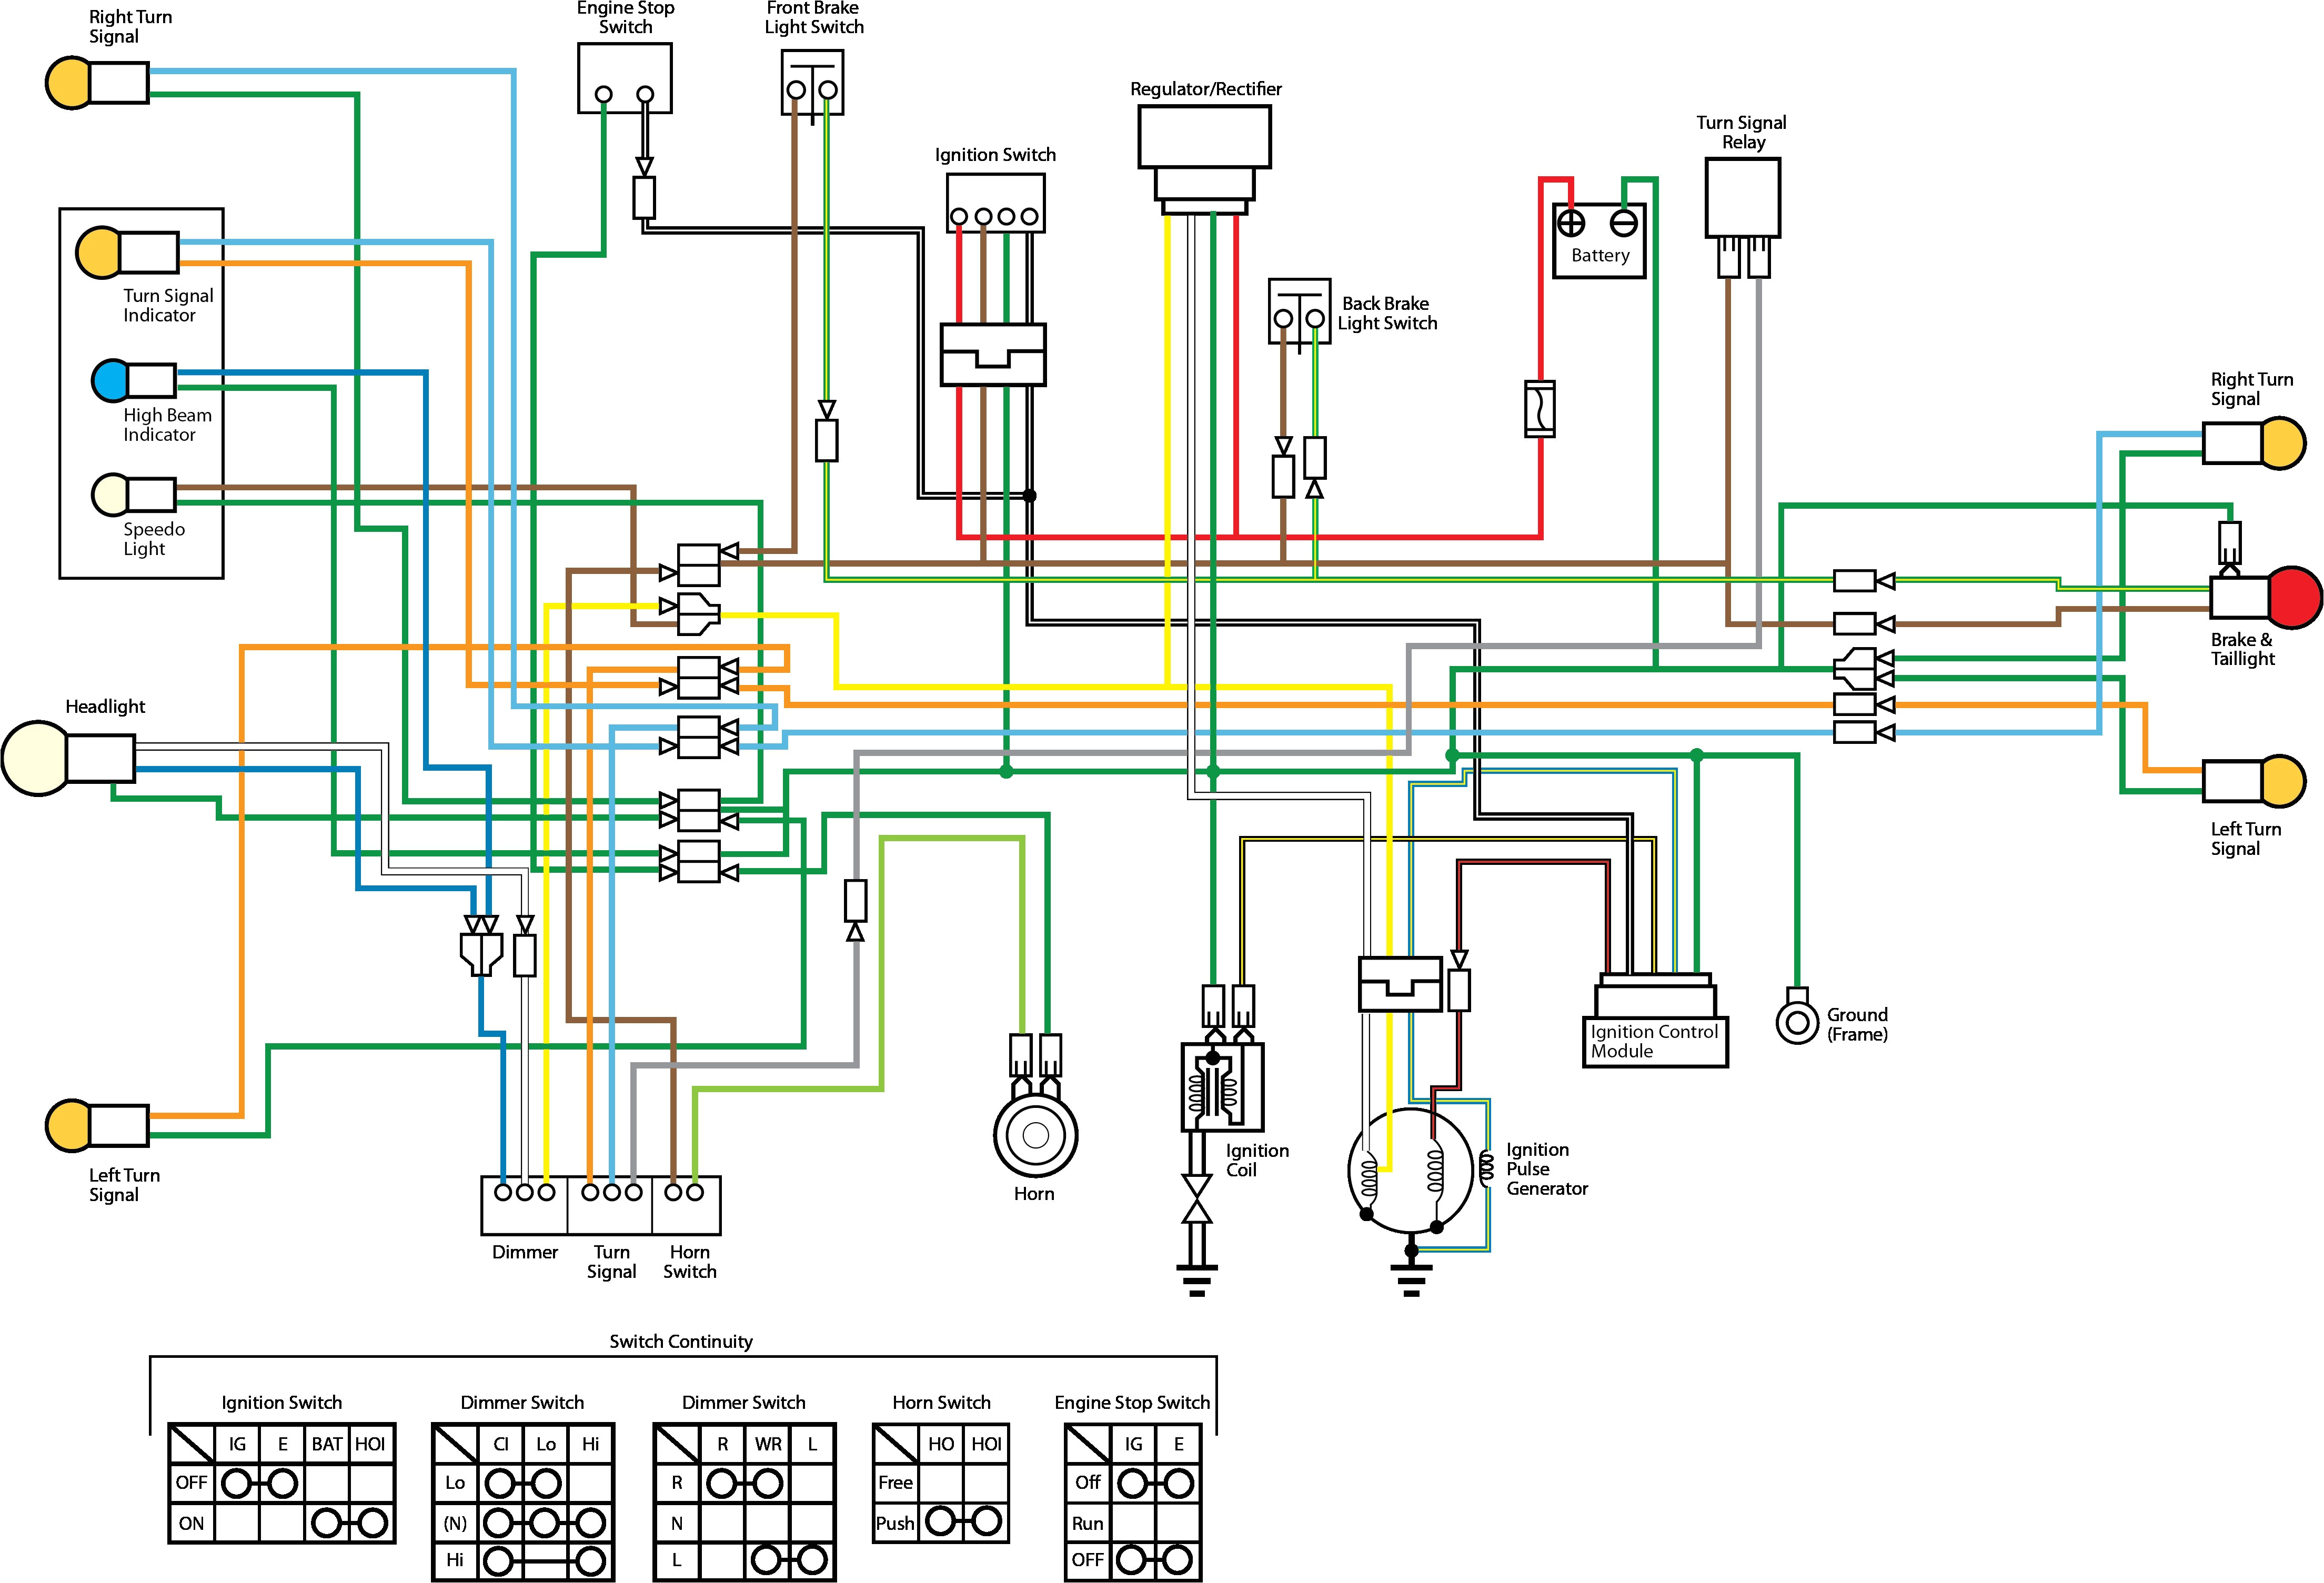 1981 honda express wiring diagram wiring diagram name 1981 honda express wiring diagram